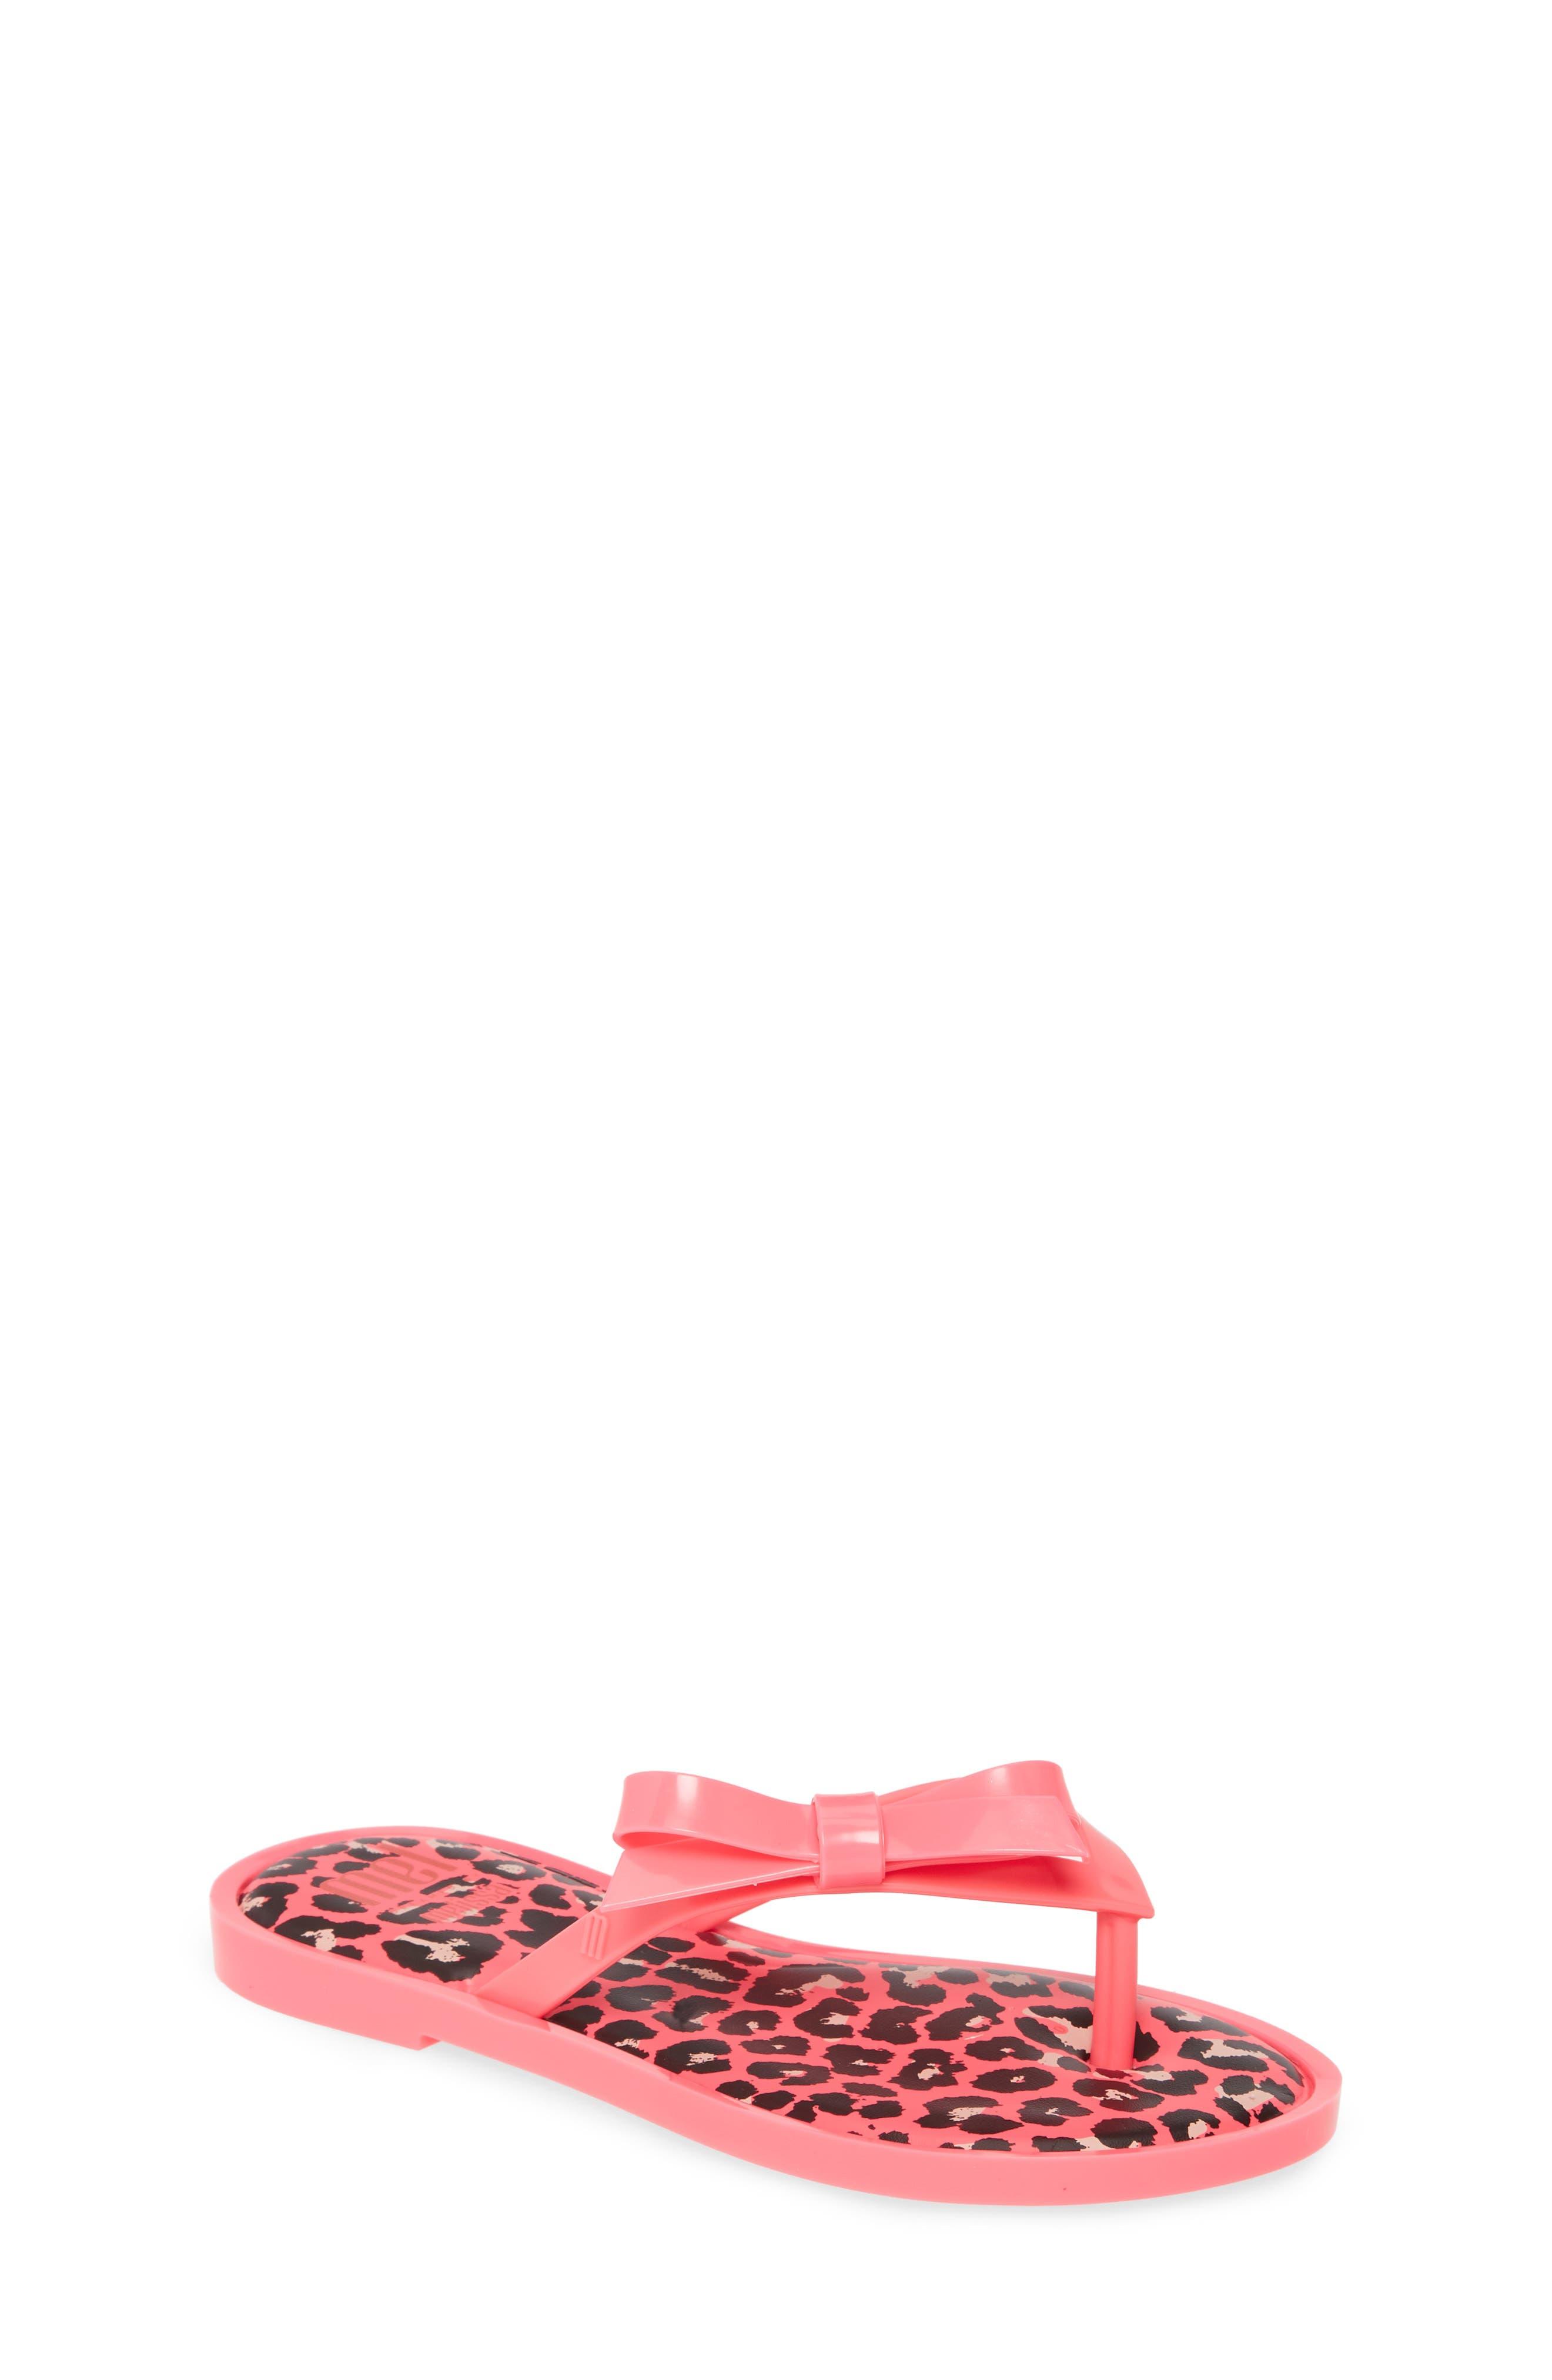 Toddler Girls Mel By Melissa Bow Flip Flop Sandal Size 12 M  Pink